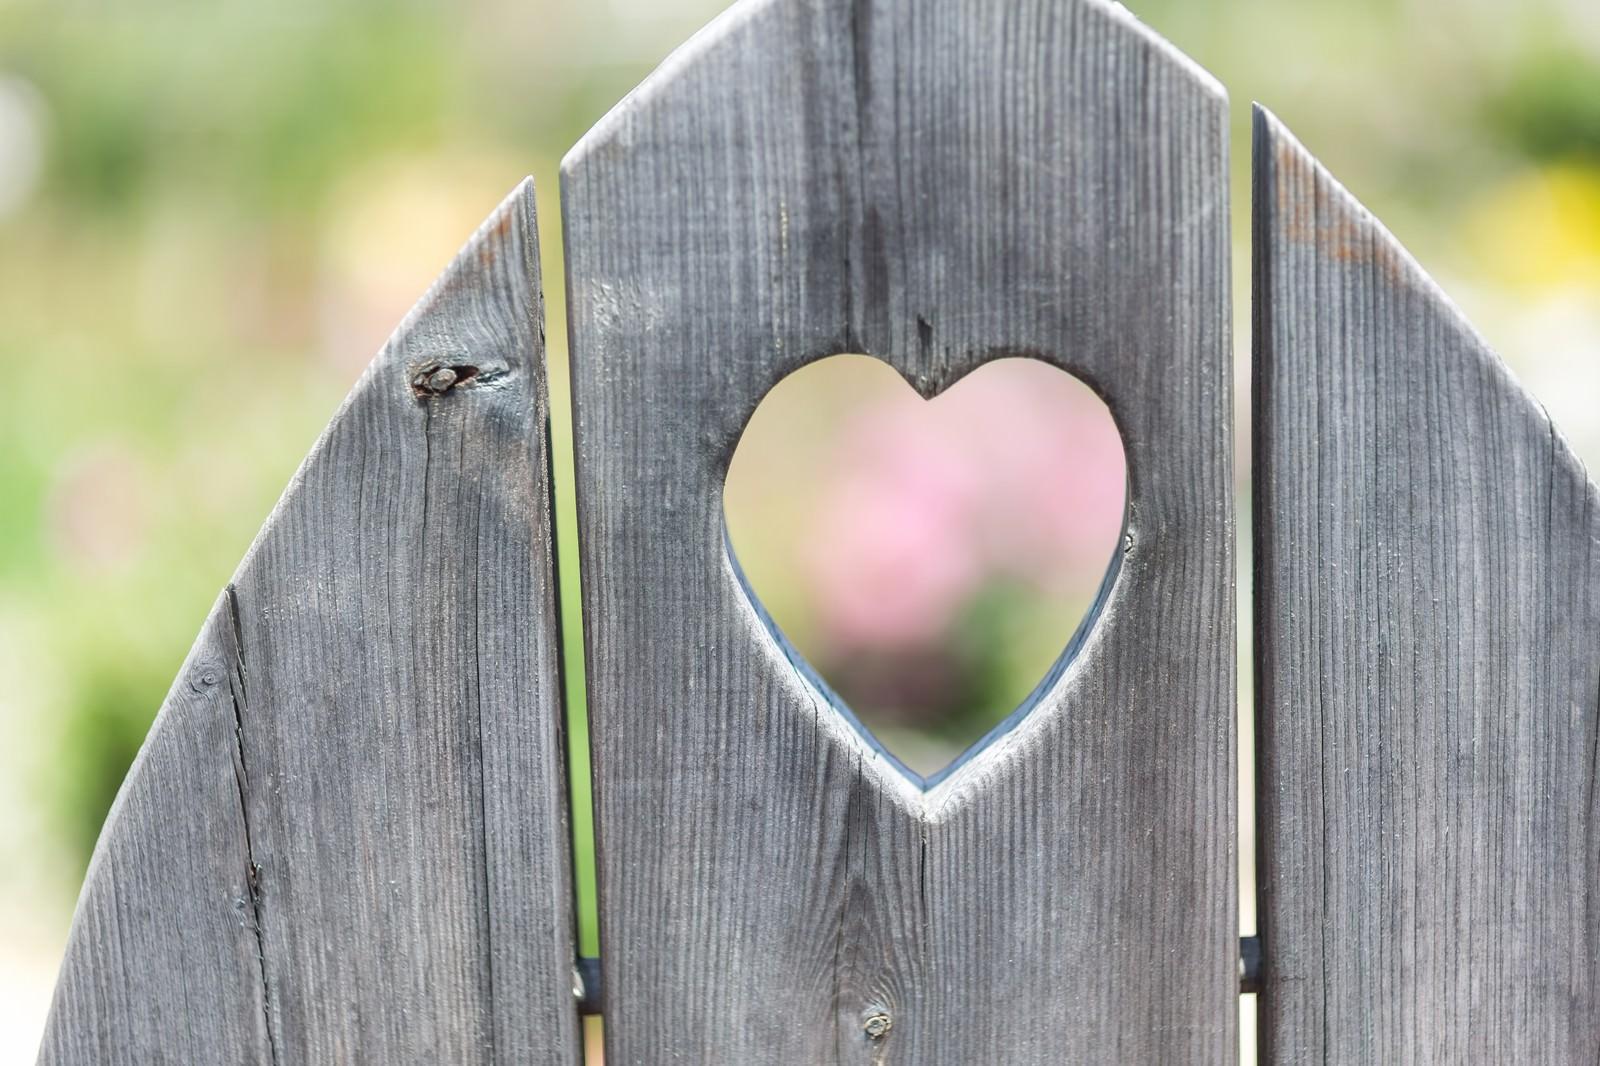 「ハート型に抜かれた木の板」の写真